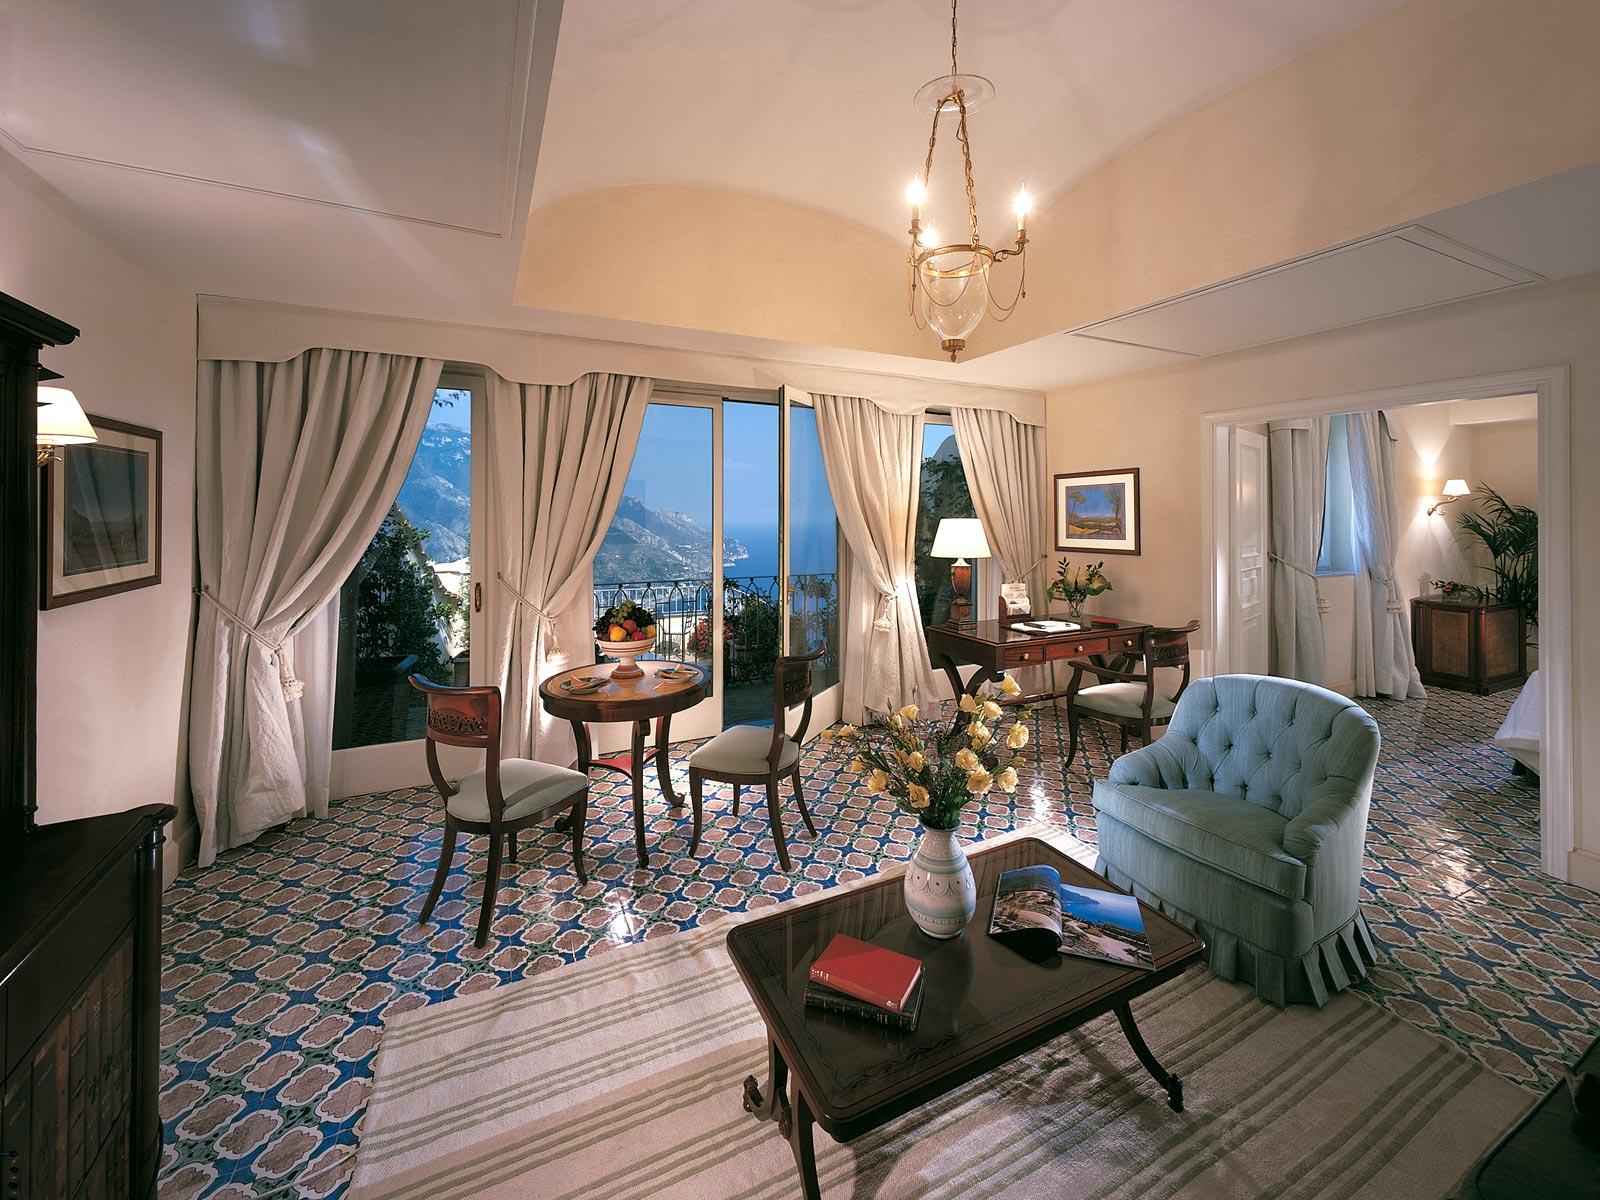 Arredamenti di lusso made in italy per ville hotel e for Arredamenti per hotel di lusso